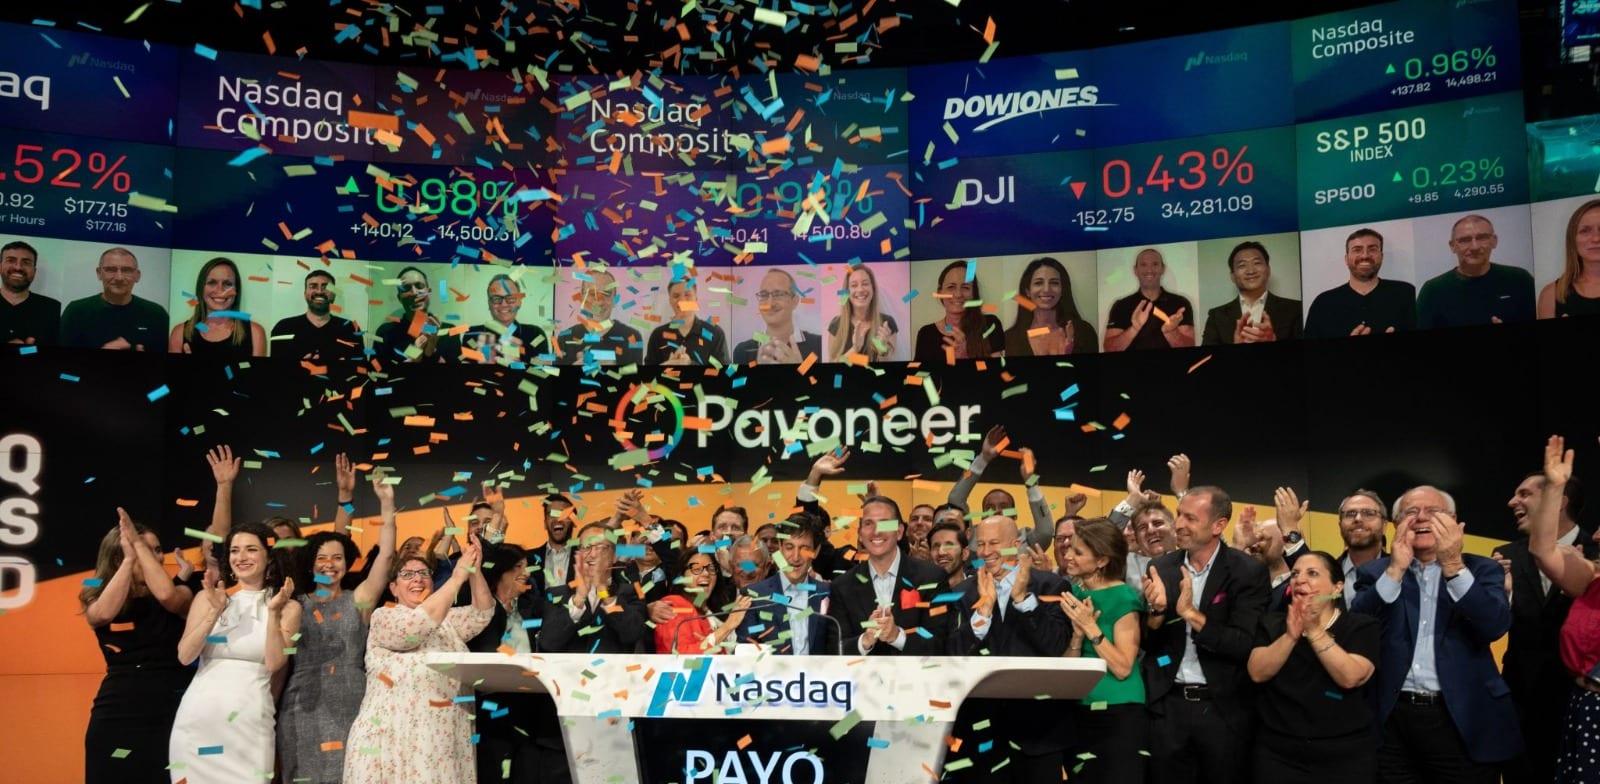 Payoneer IPO Photo: Nasdaq